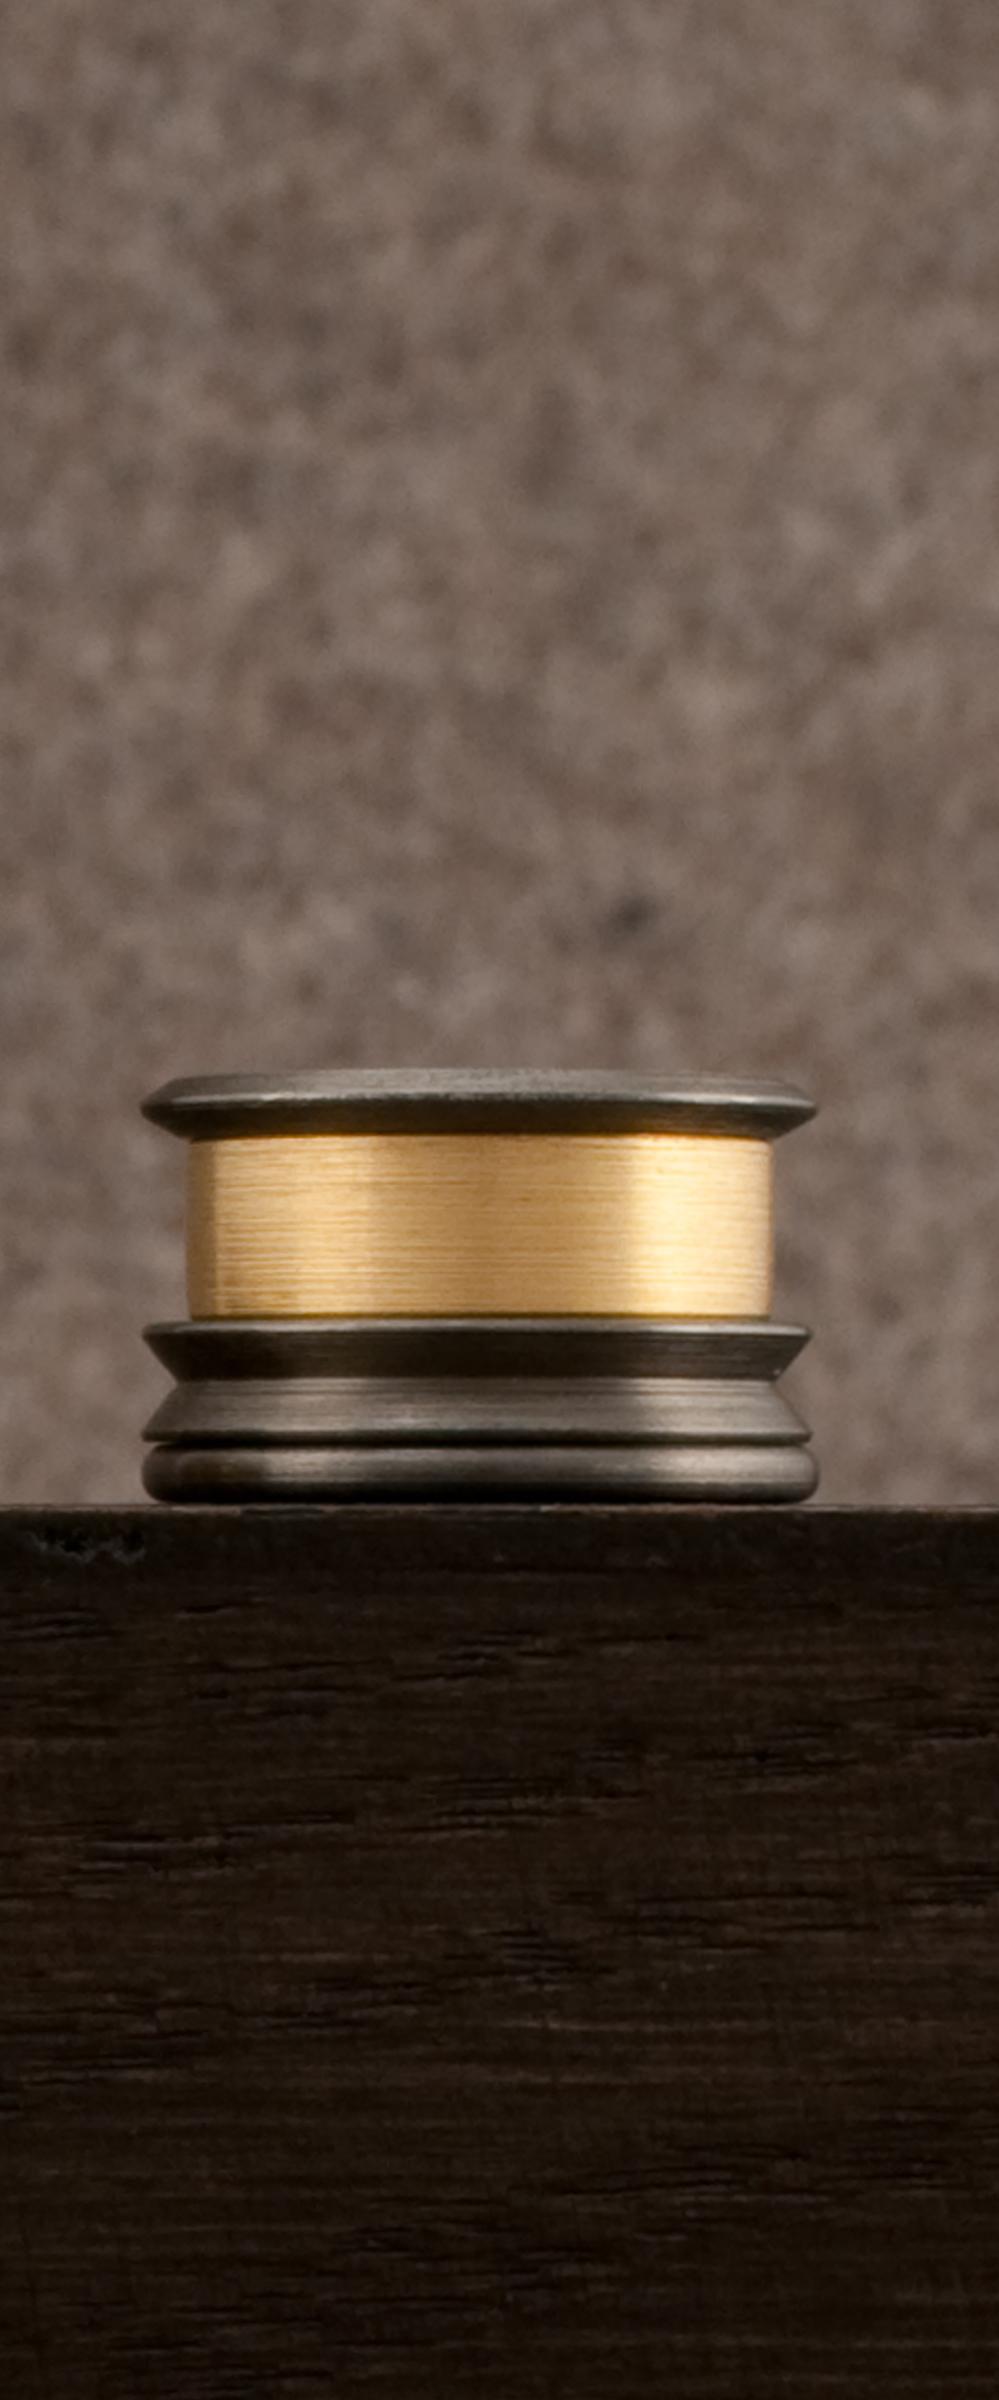 Rings - Web 29.jpg